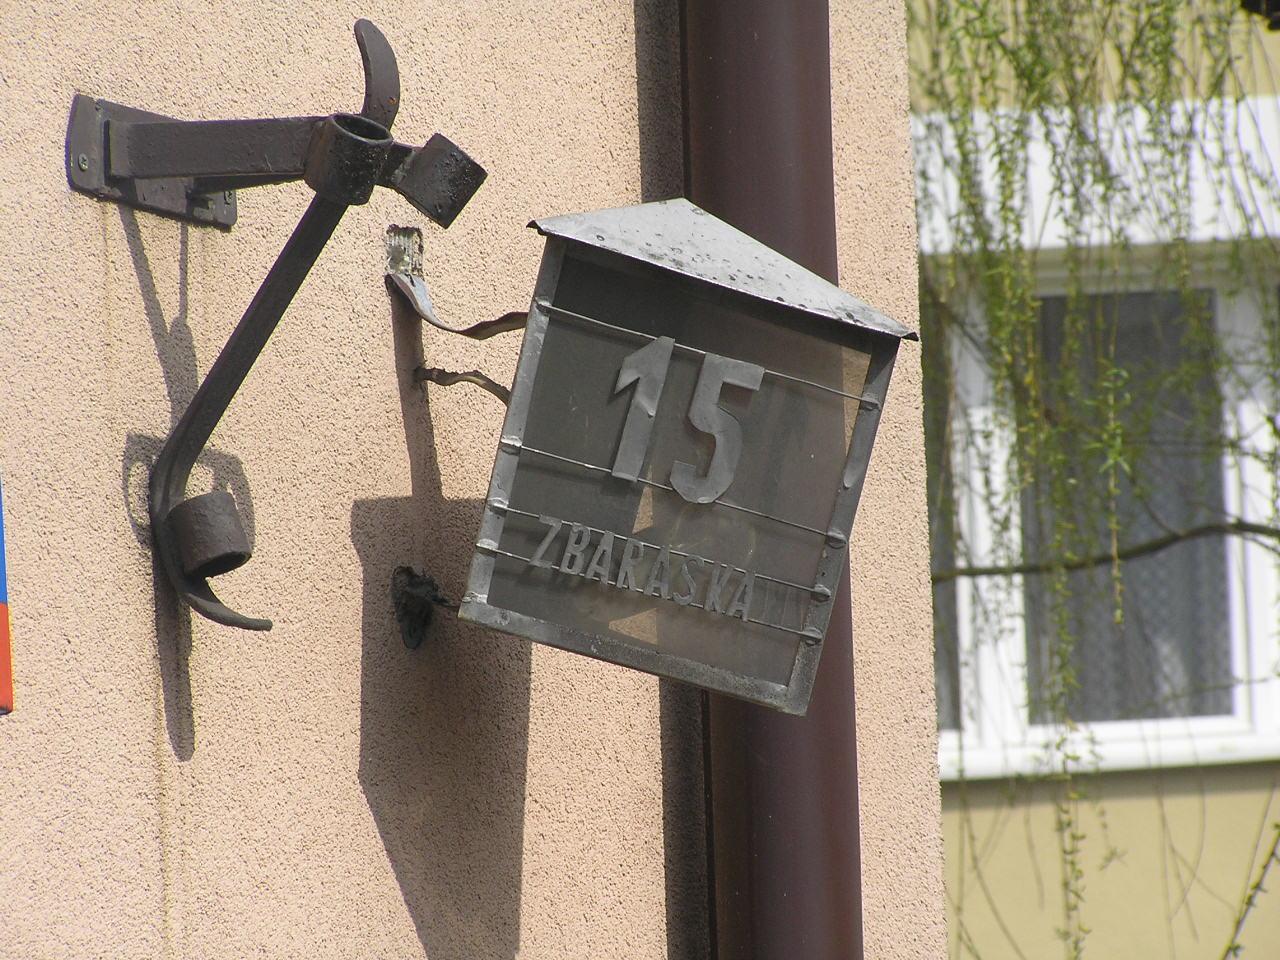 Latarenka adresowa przy ulicy Zbaraskiej 6 na Grochowie